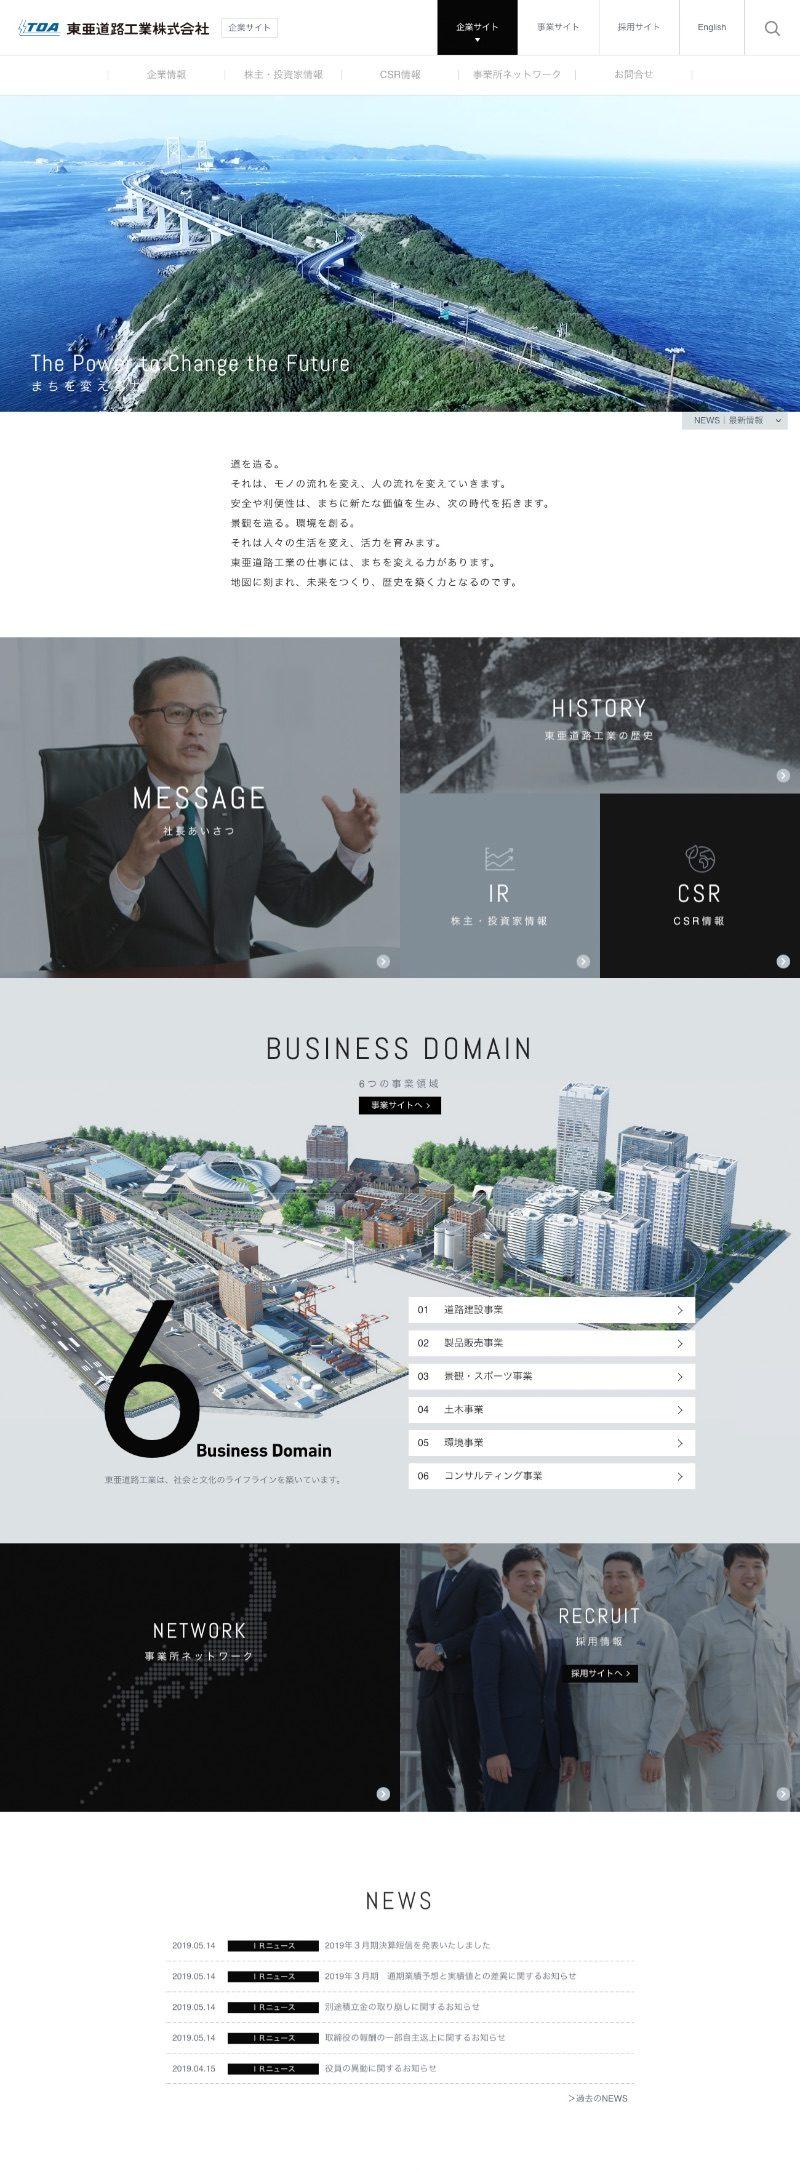 東亜道路工業株式会社 様|コーポレートサイトTOP